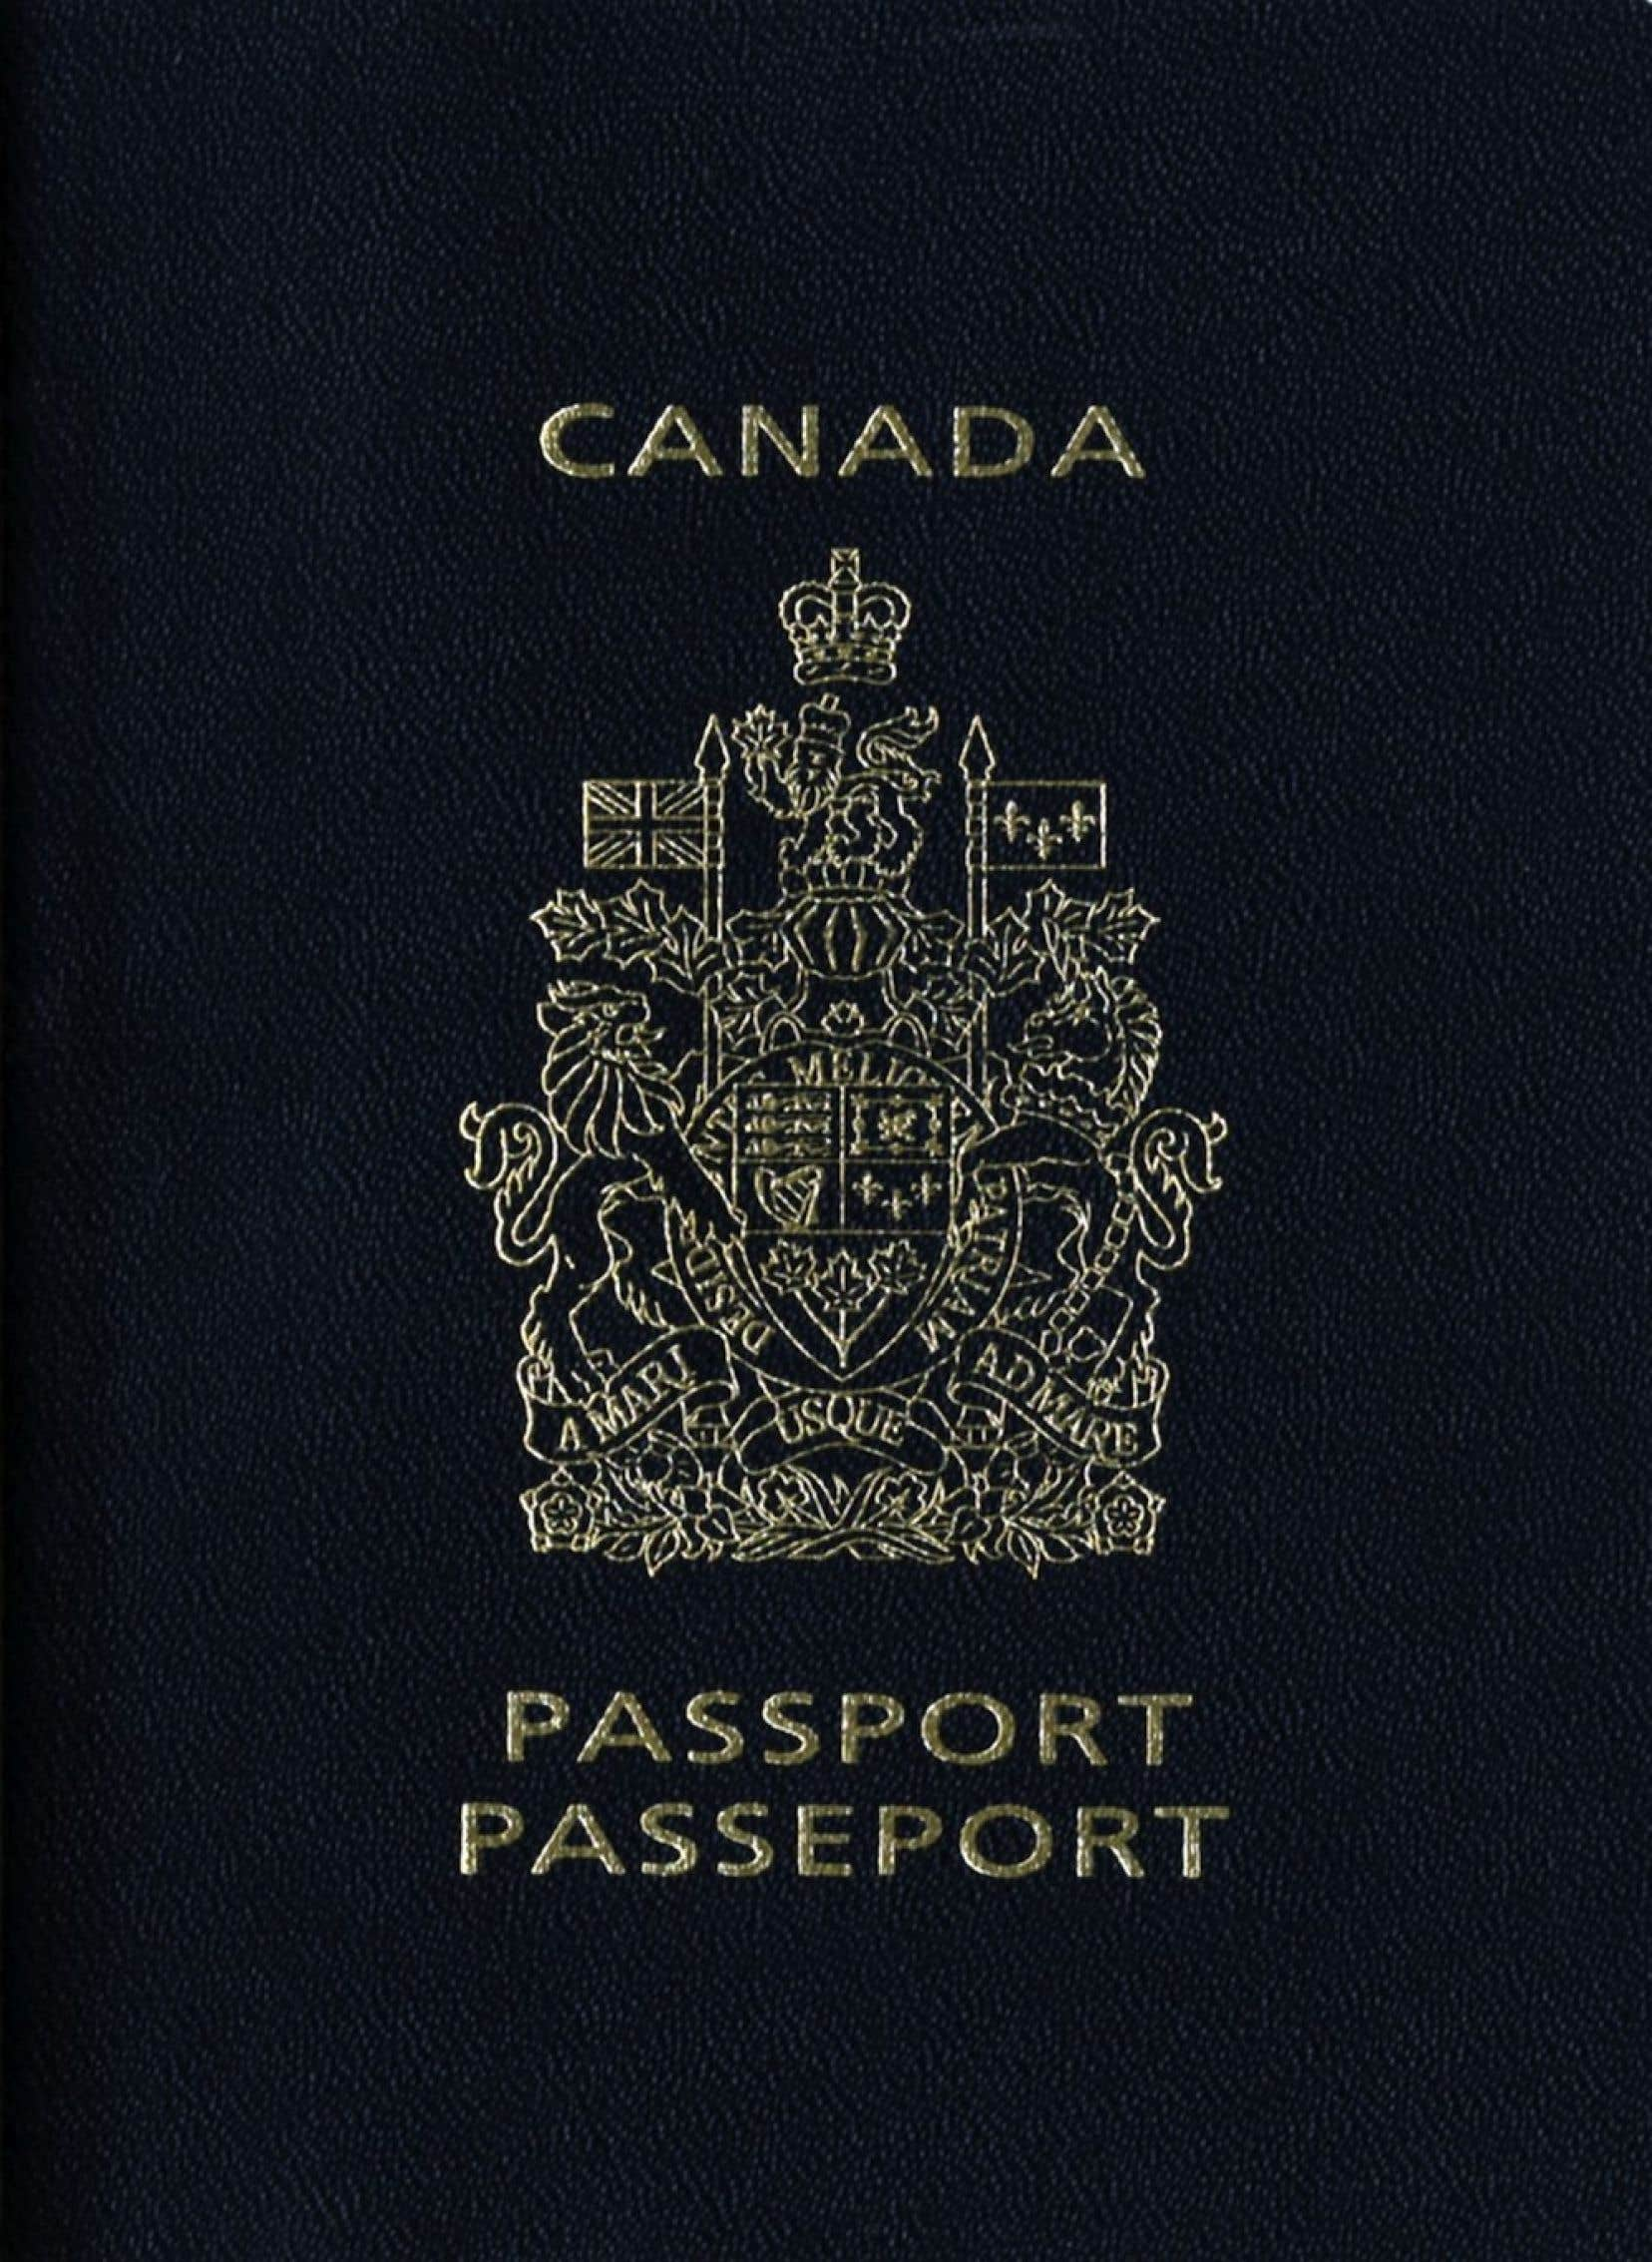 Les nouvelles normes dévoilées cette semaine confirment que le coût d'un passeport, valable pour une durée de cinq ans, passera de 87 à 120 $.